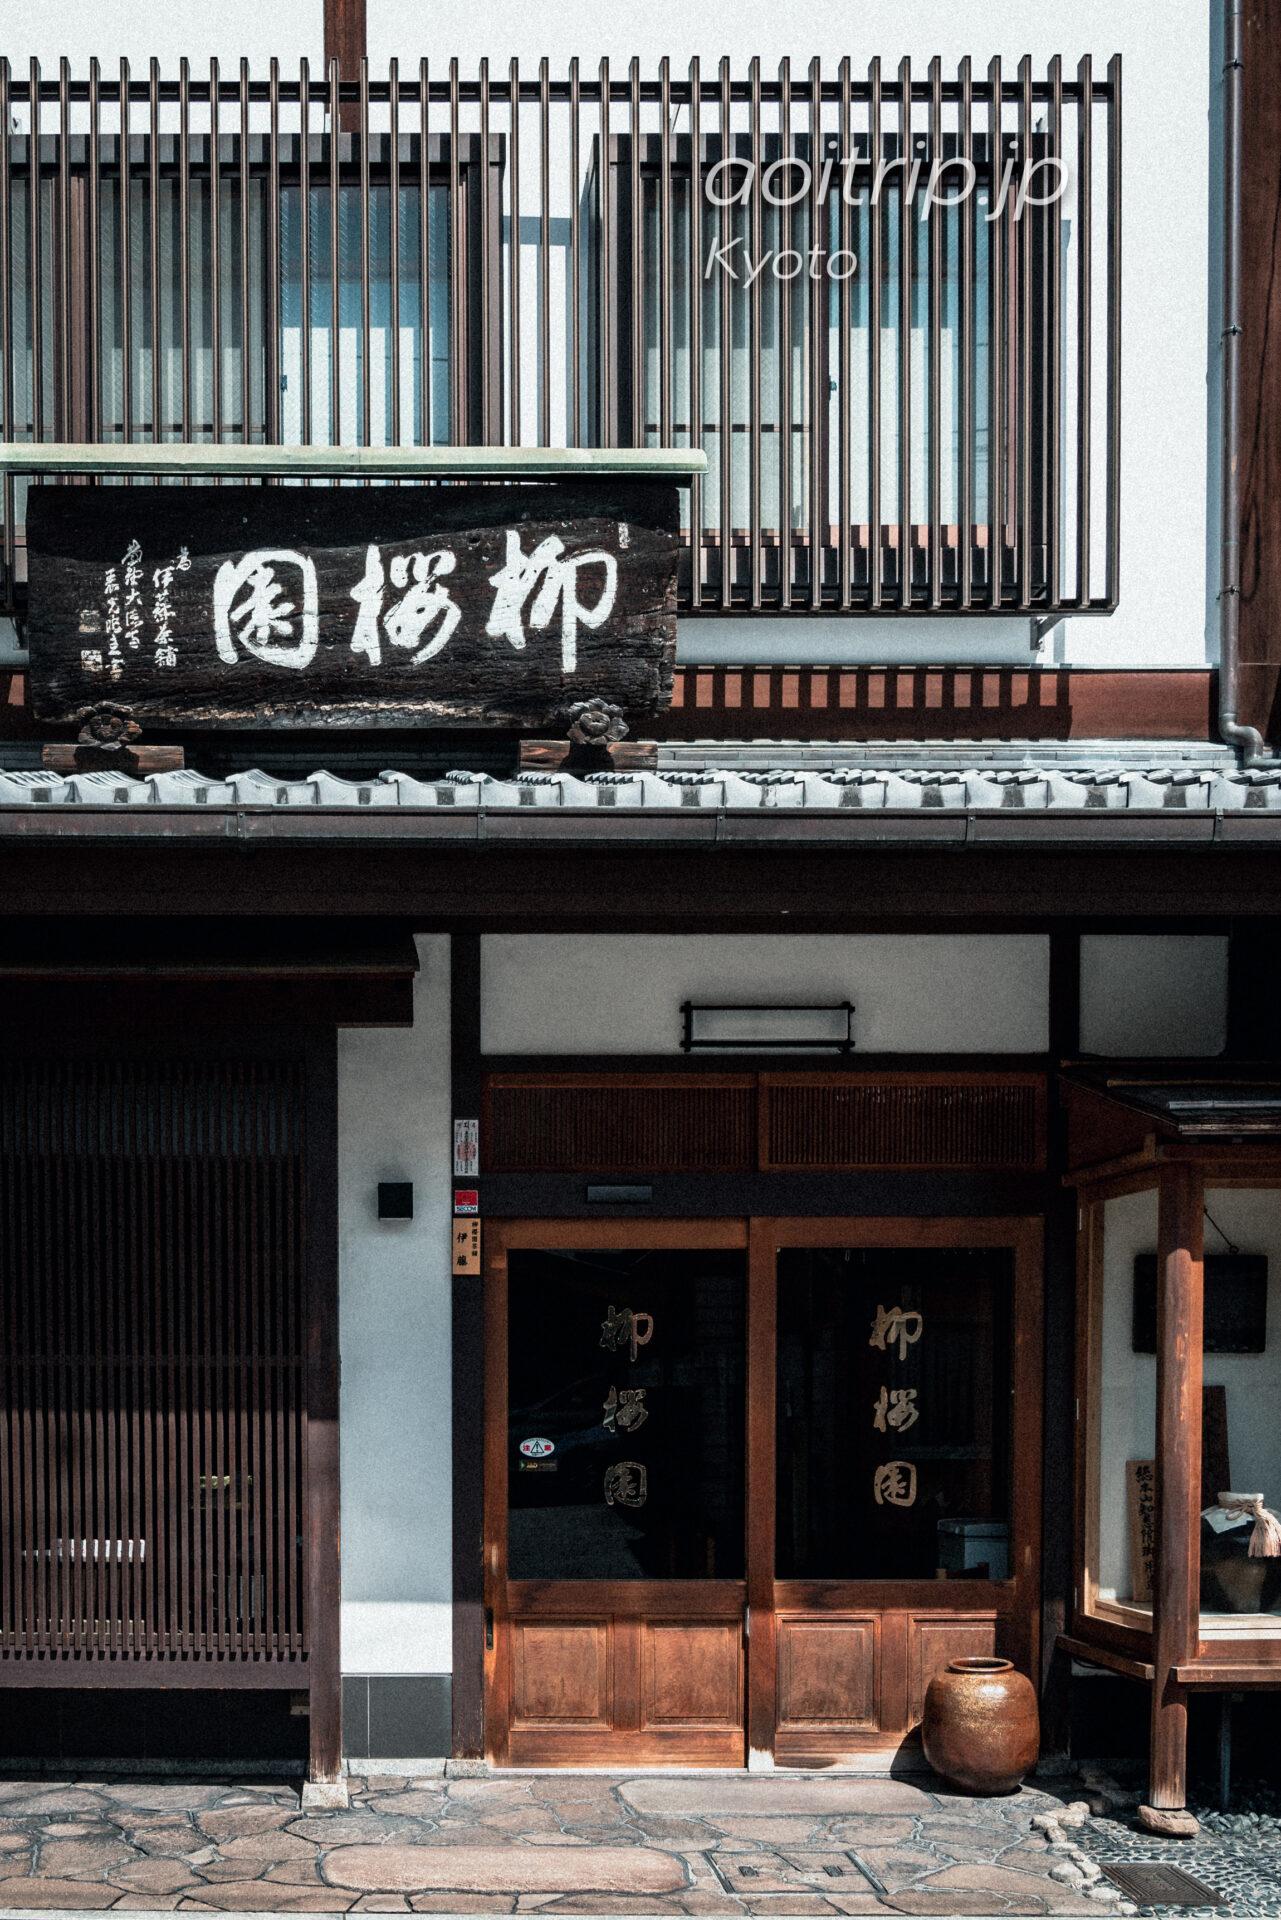 京都二条通り 柳桜園茶舗